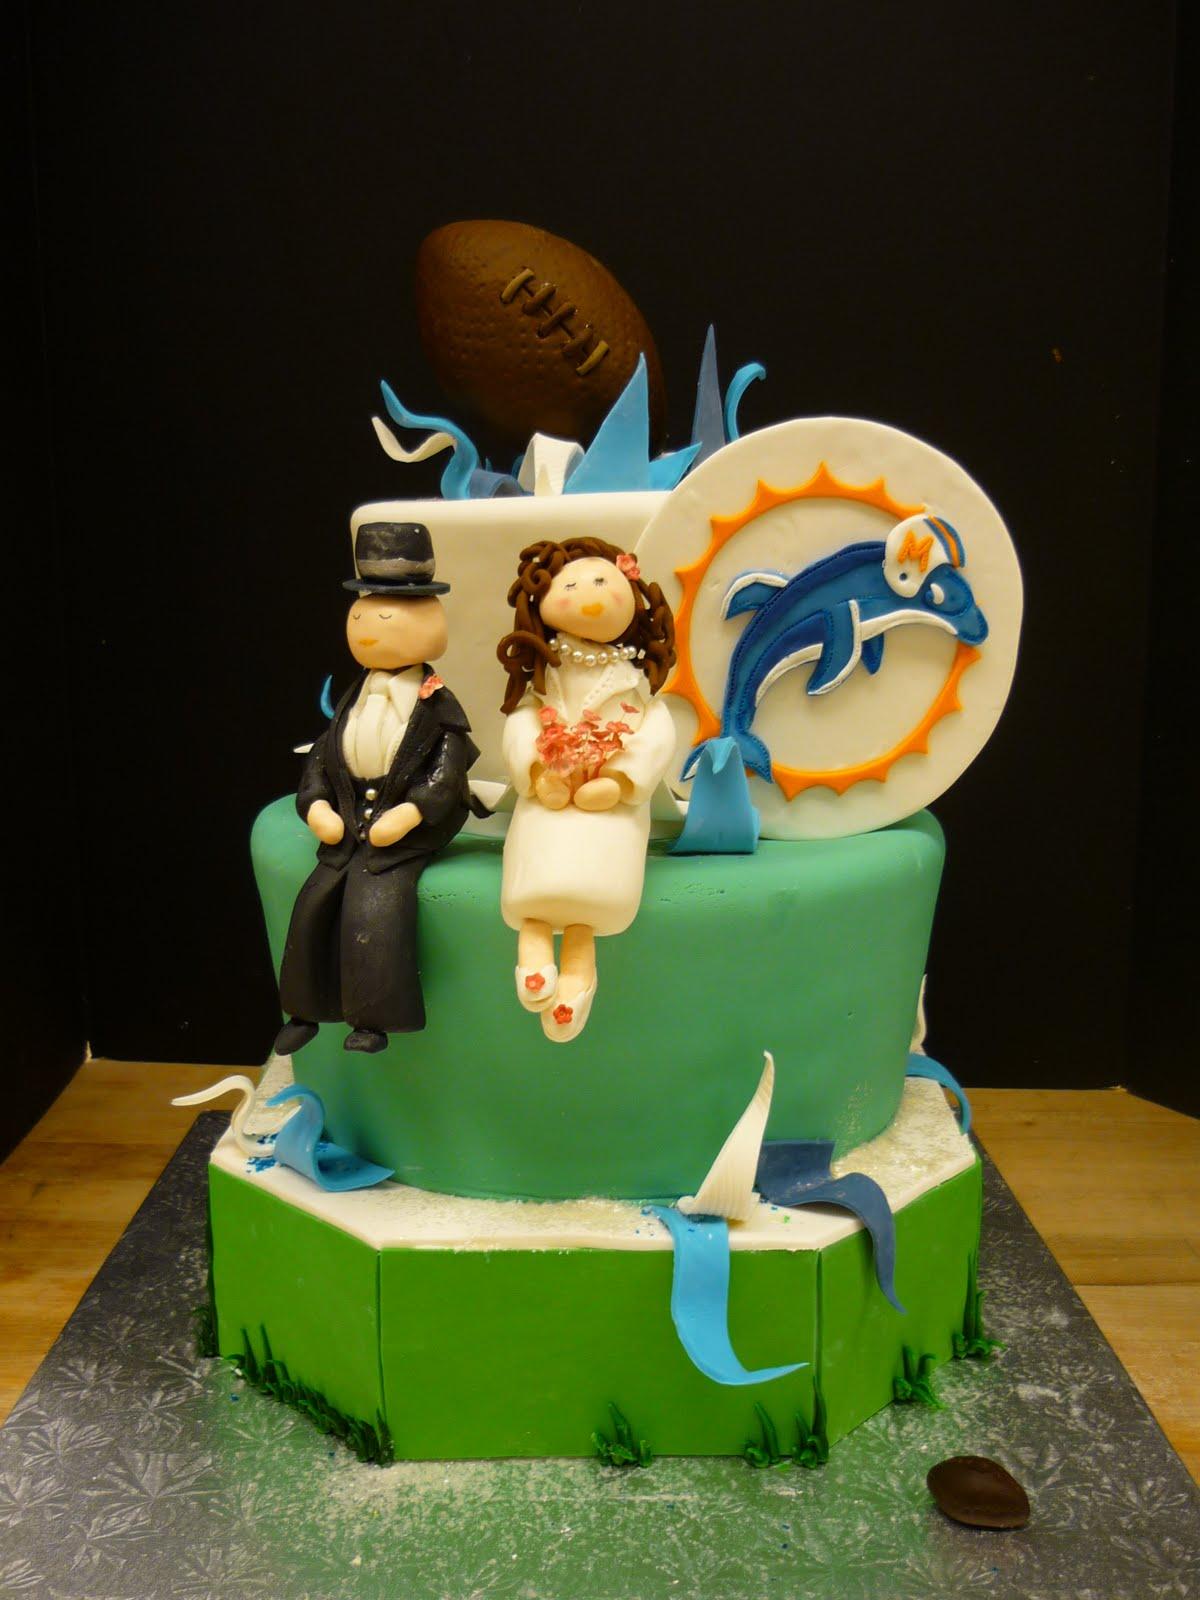 artisan bake shop grooms cake miami dophins whimsical. Black Bedroom Furniture Sets. Home Design Ideas